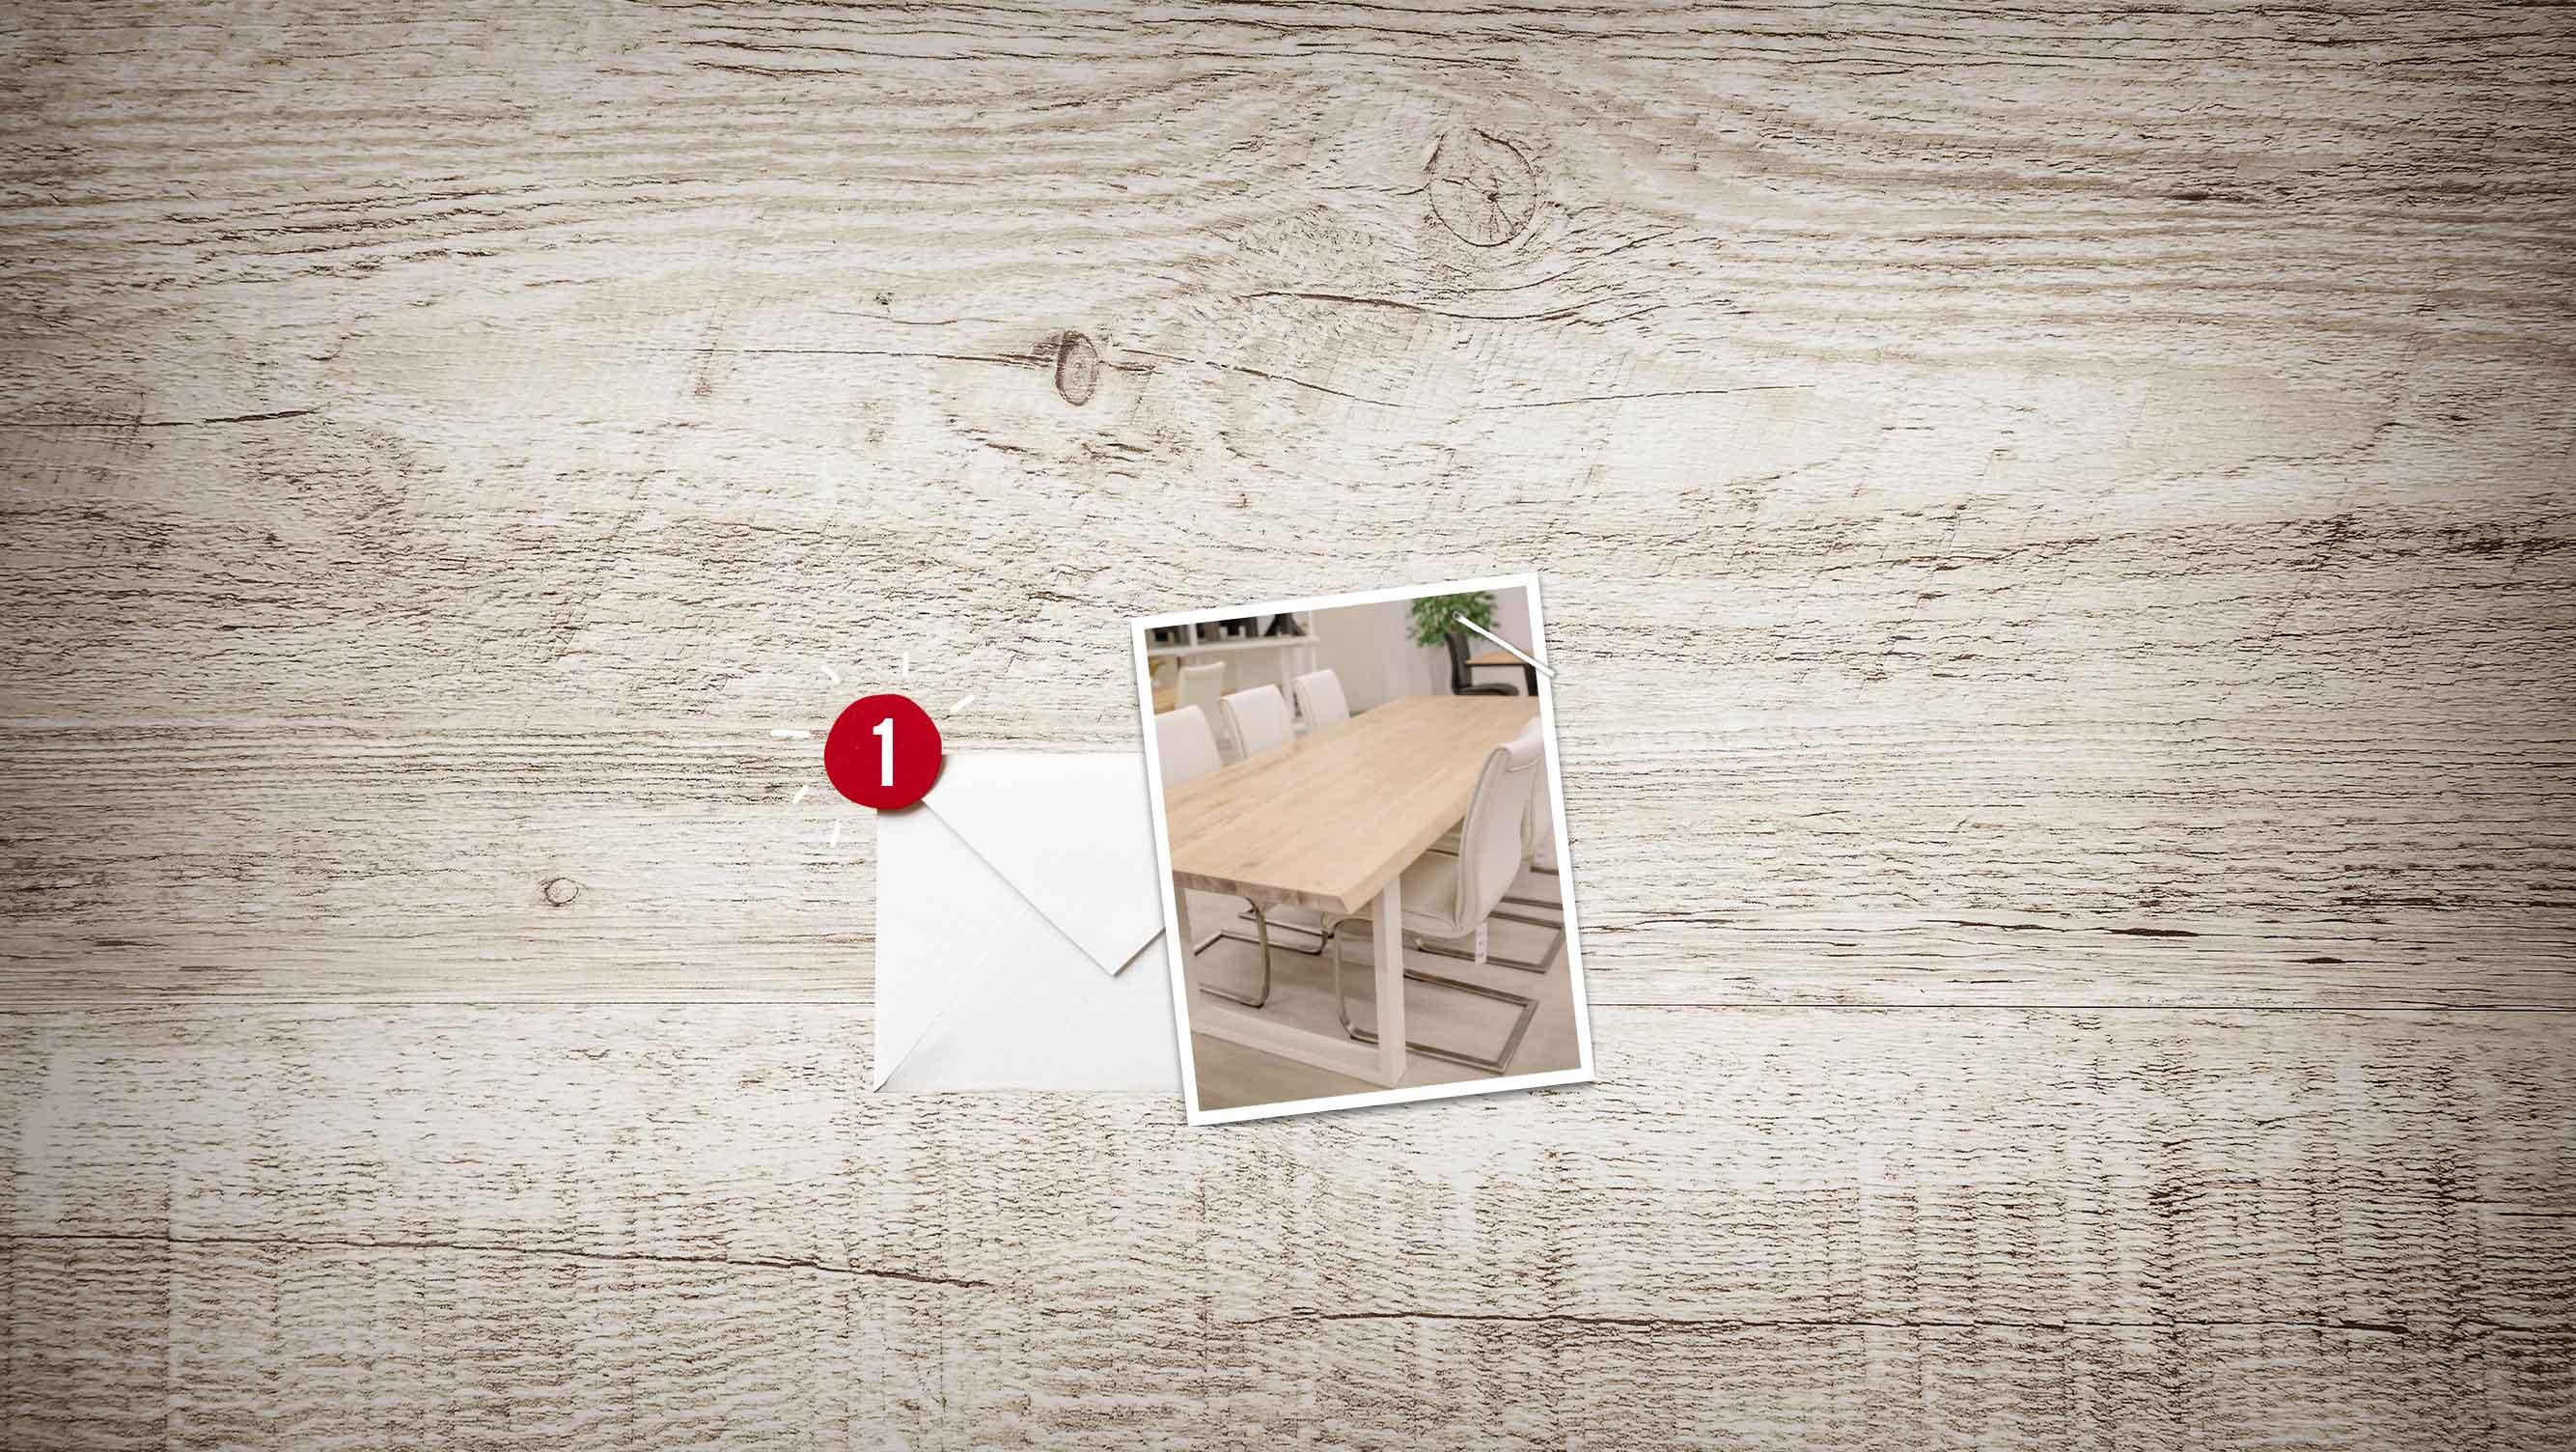 gewinnspiel-newsletter-anmeldung-holzland-beese